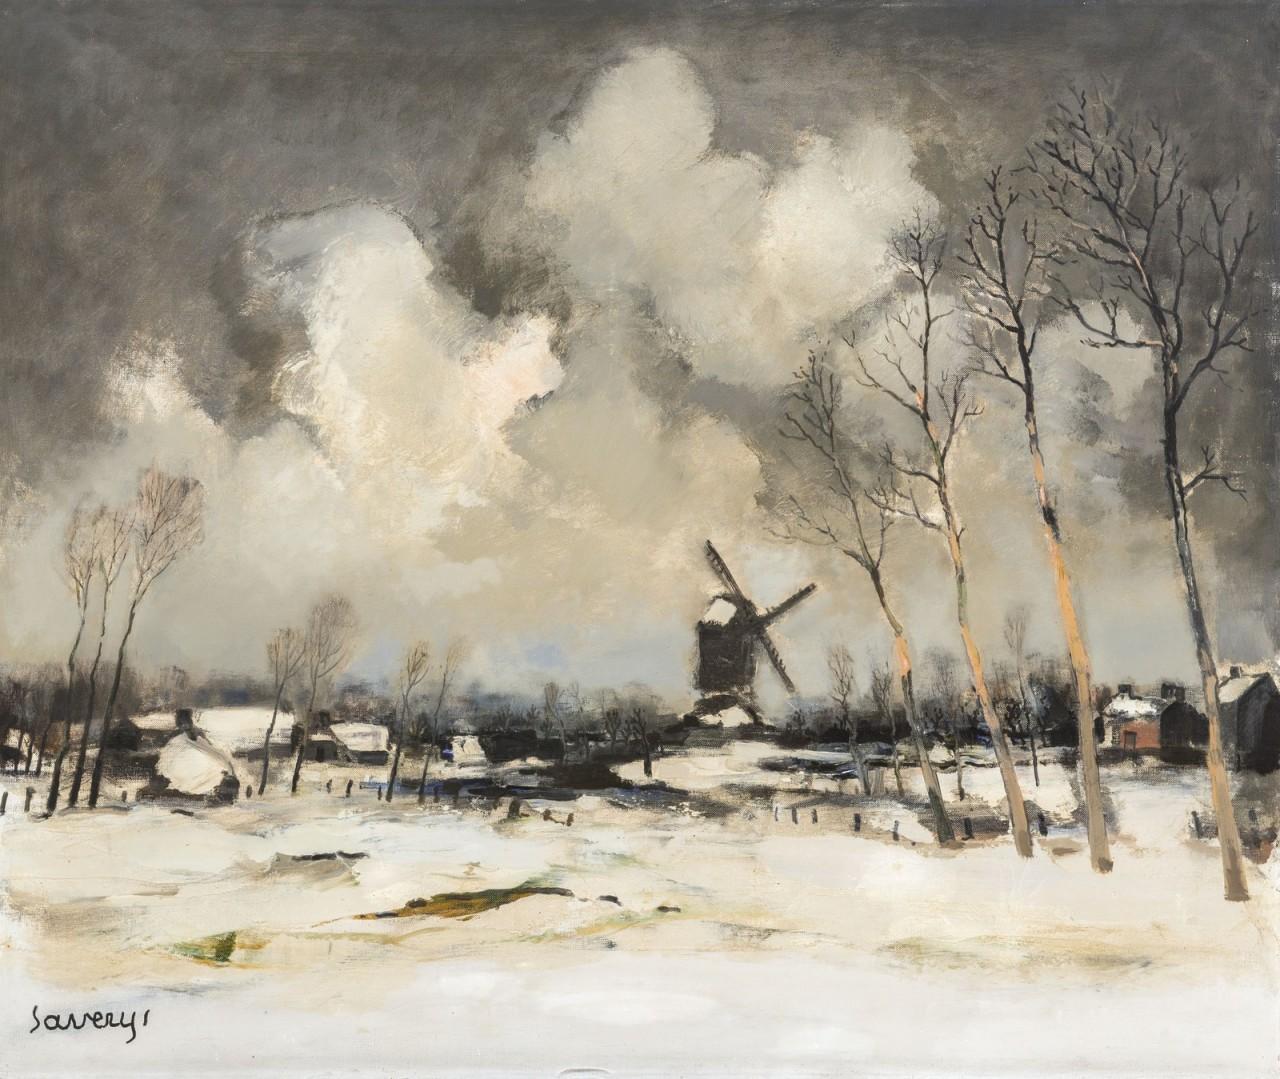 Мастер цветовых эффектов — зимние пейзажи. Альберта Саверейса (Albert Saverys), Бельгия